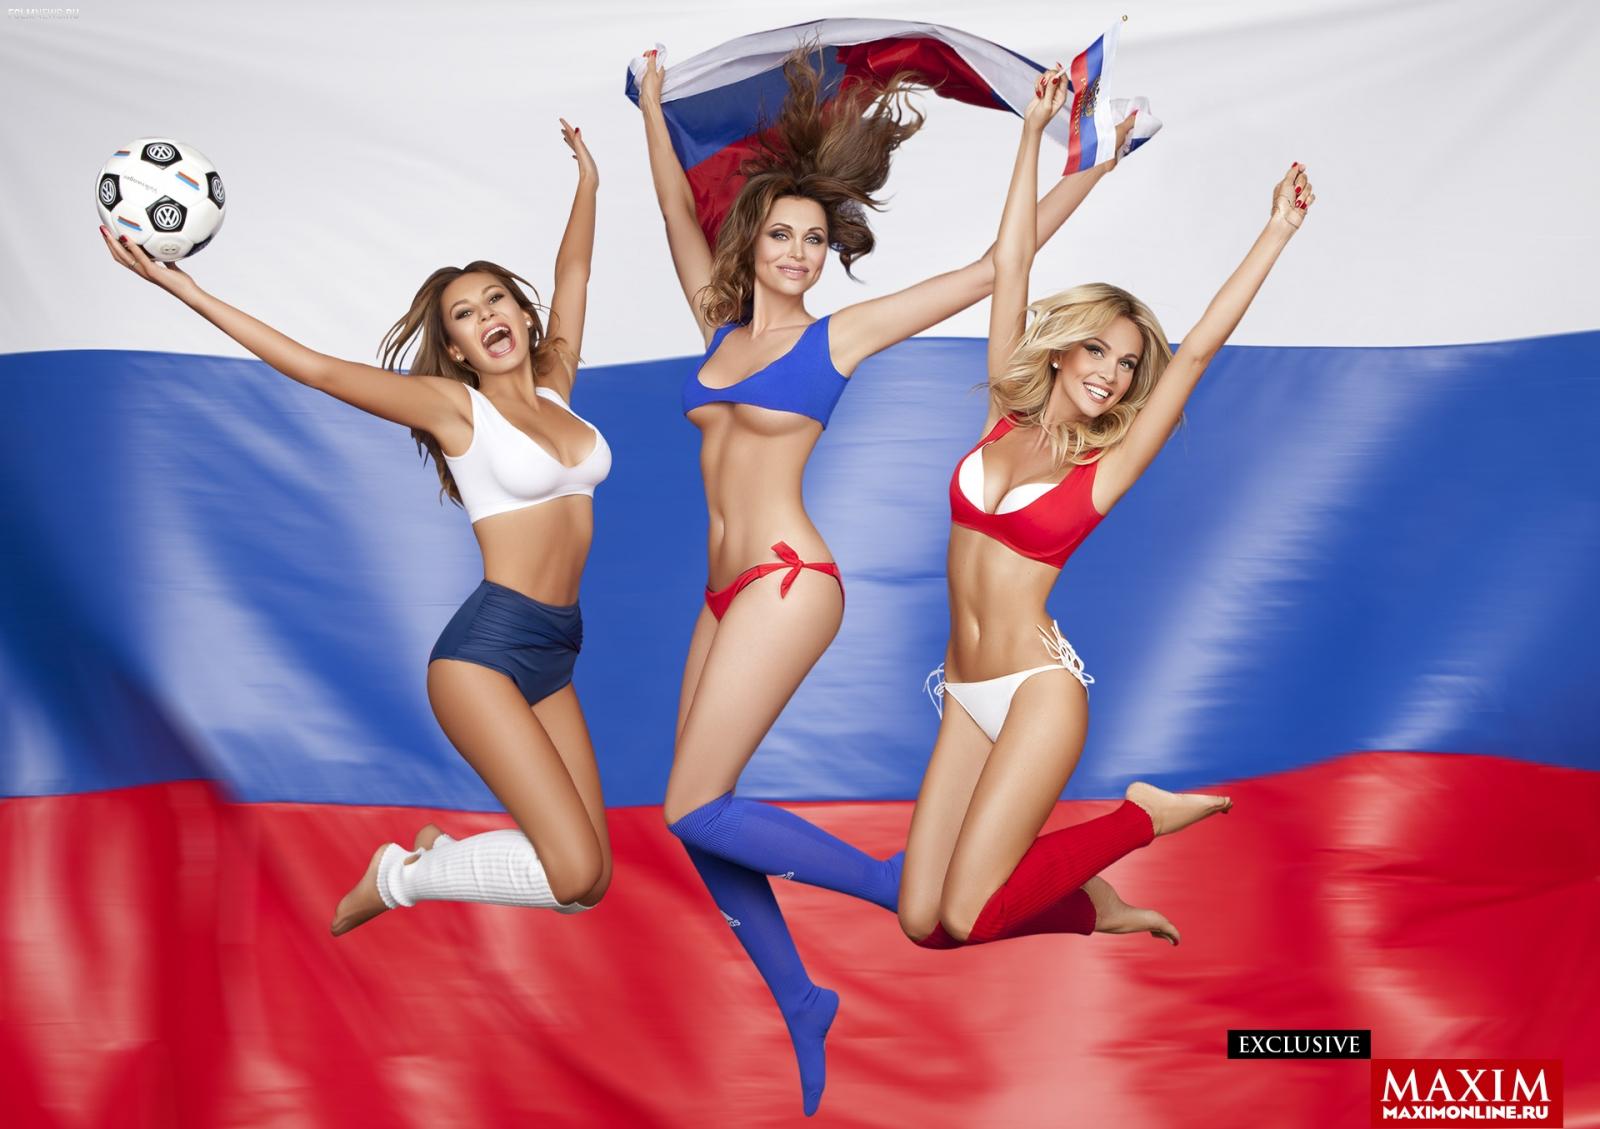 Фото голых девушек сборной россии, порно фото пухлая девушка в чулках